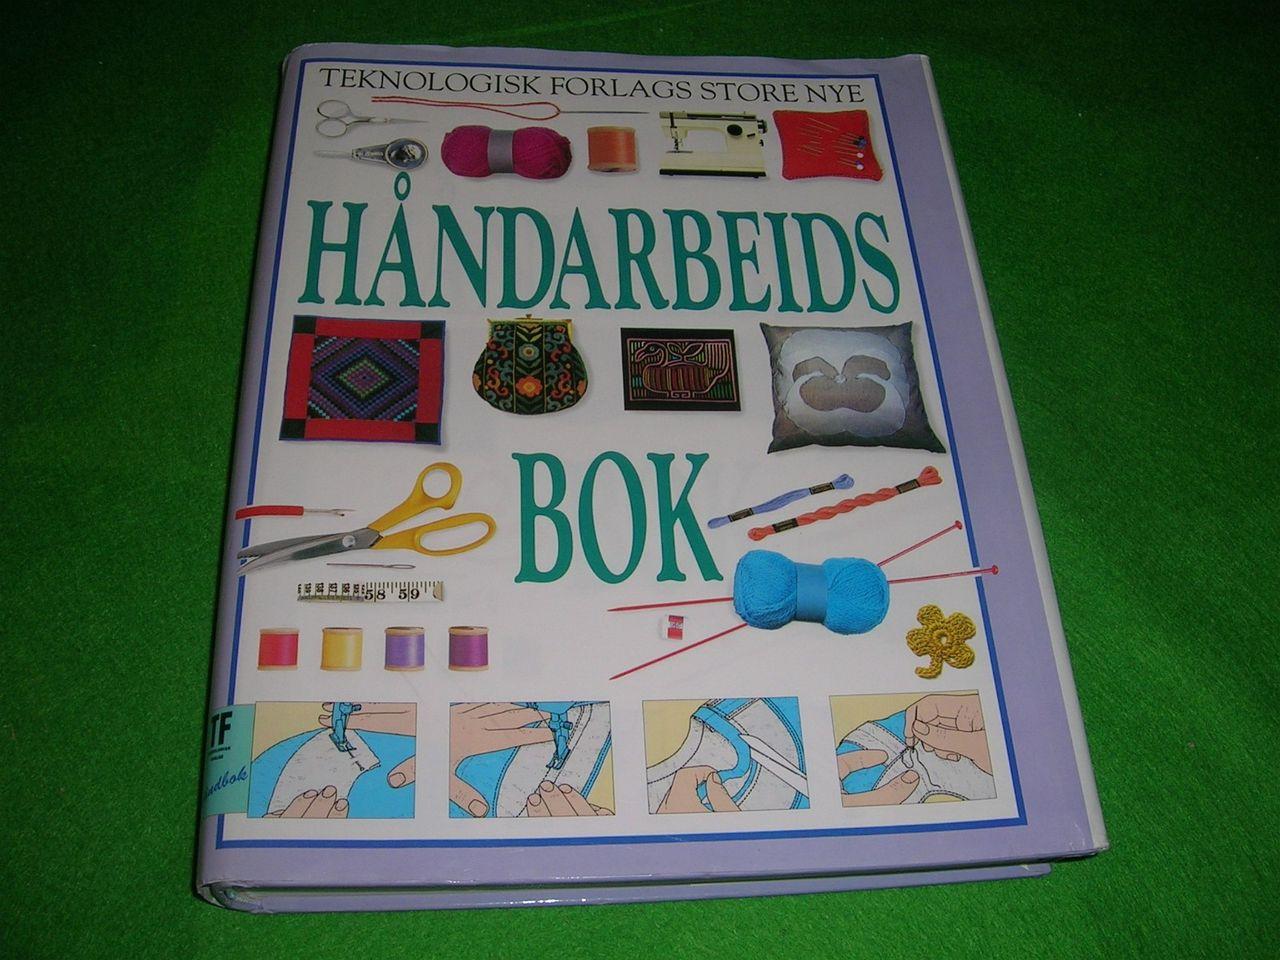 ae44a7ce3 Bøker om håndarbeid, sying og søm, broderi etc.   FINN.no